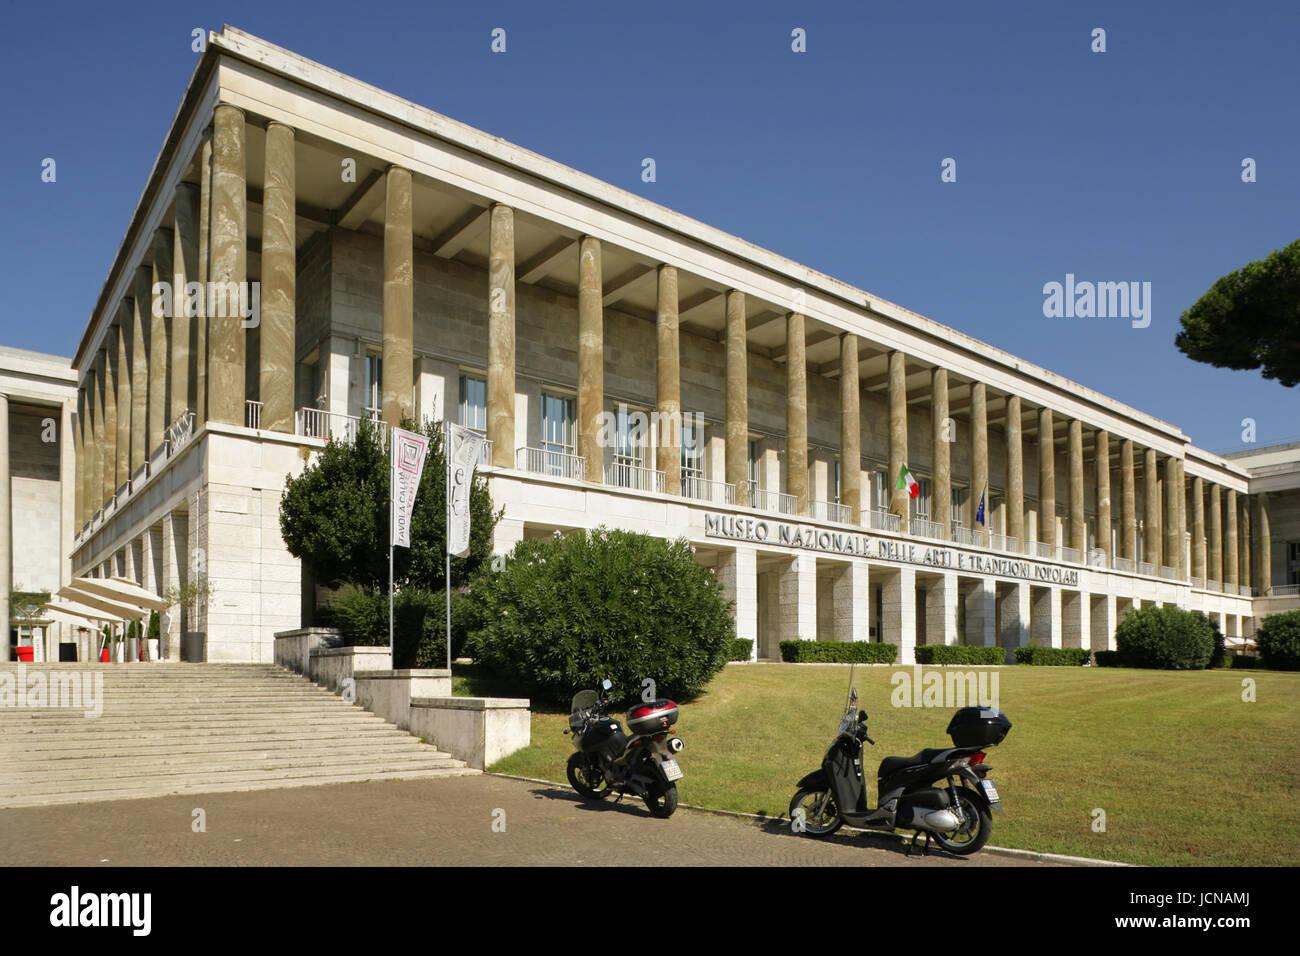 """Museo Nazionale delle Arti e Tradizioni Popolari"""", nel quartiere EUR di Roma, Italia. Immagini Stock"""